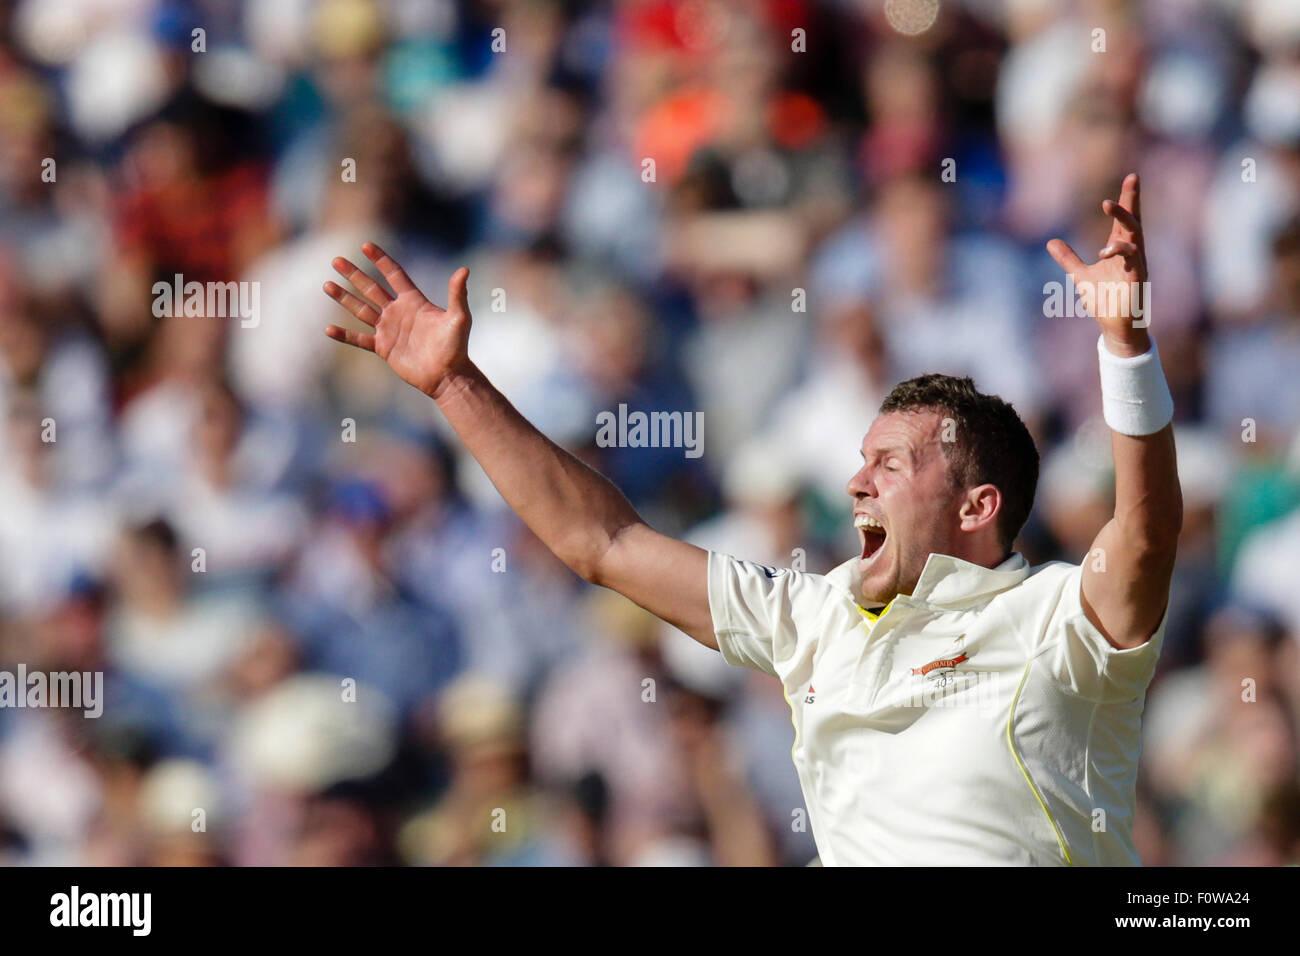 Londres, Royaume-Uni. Août 21, 2015. Investec Cendres 5ème Test, jour 2. L'Angleterre contre l'Australie. Photo Stock